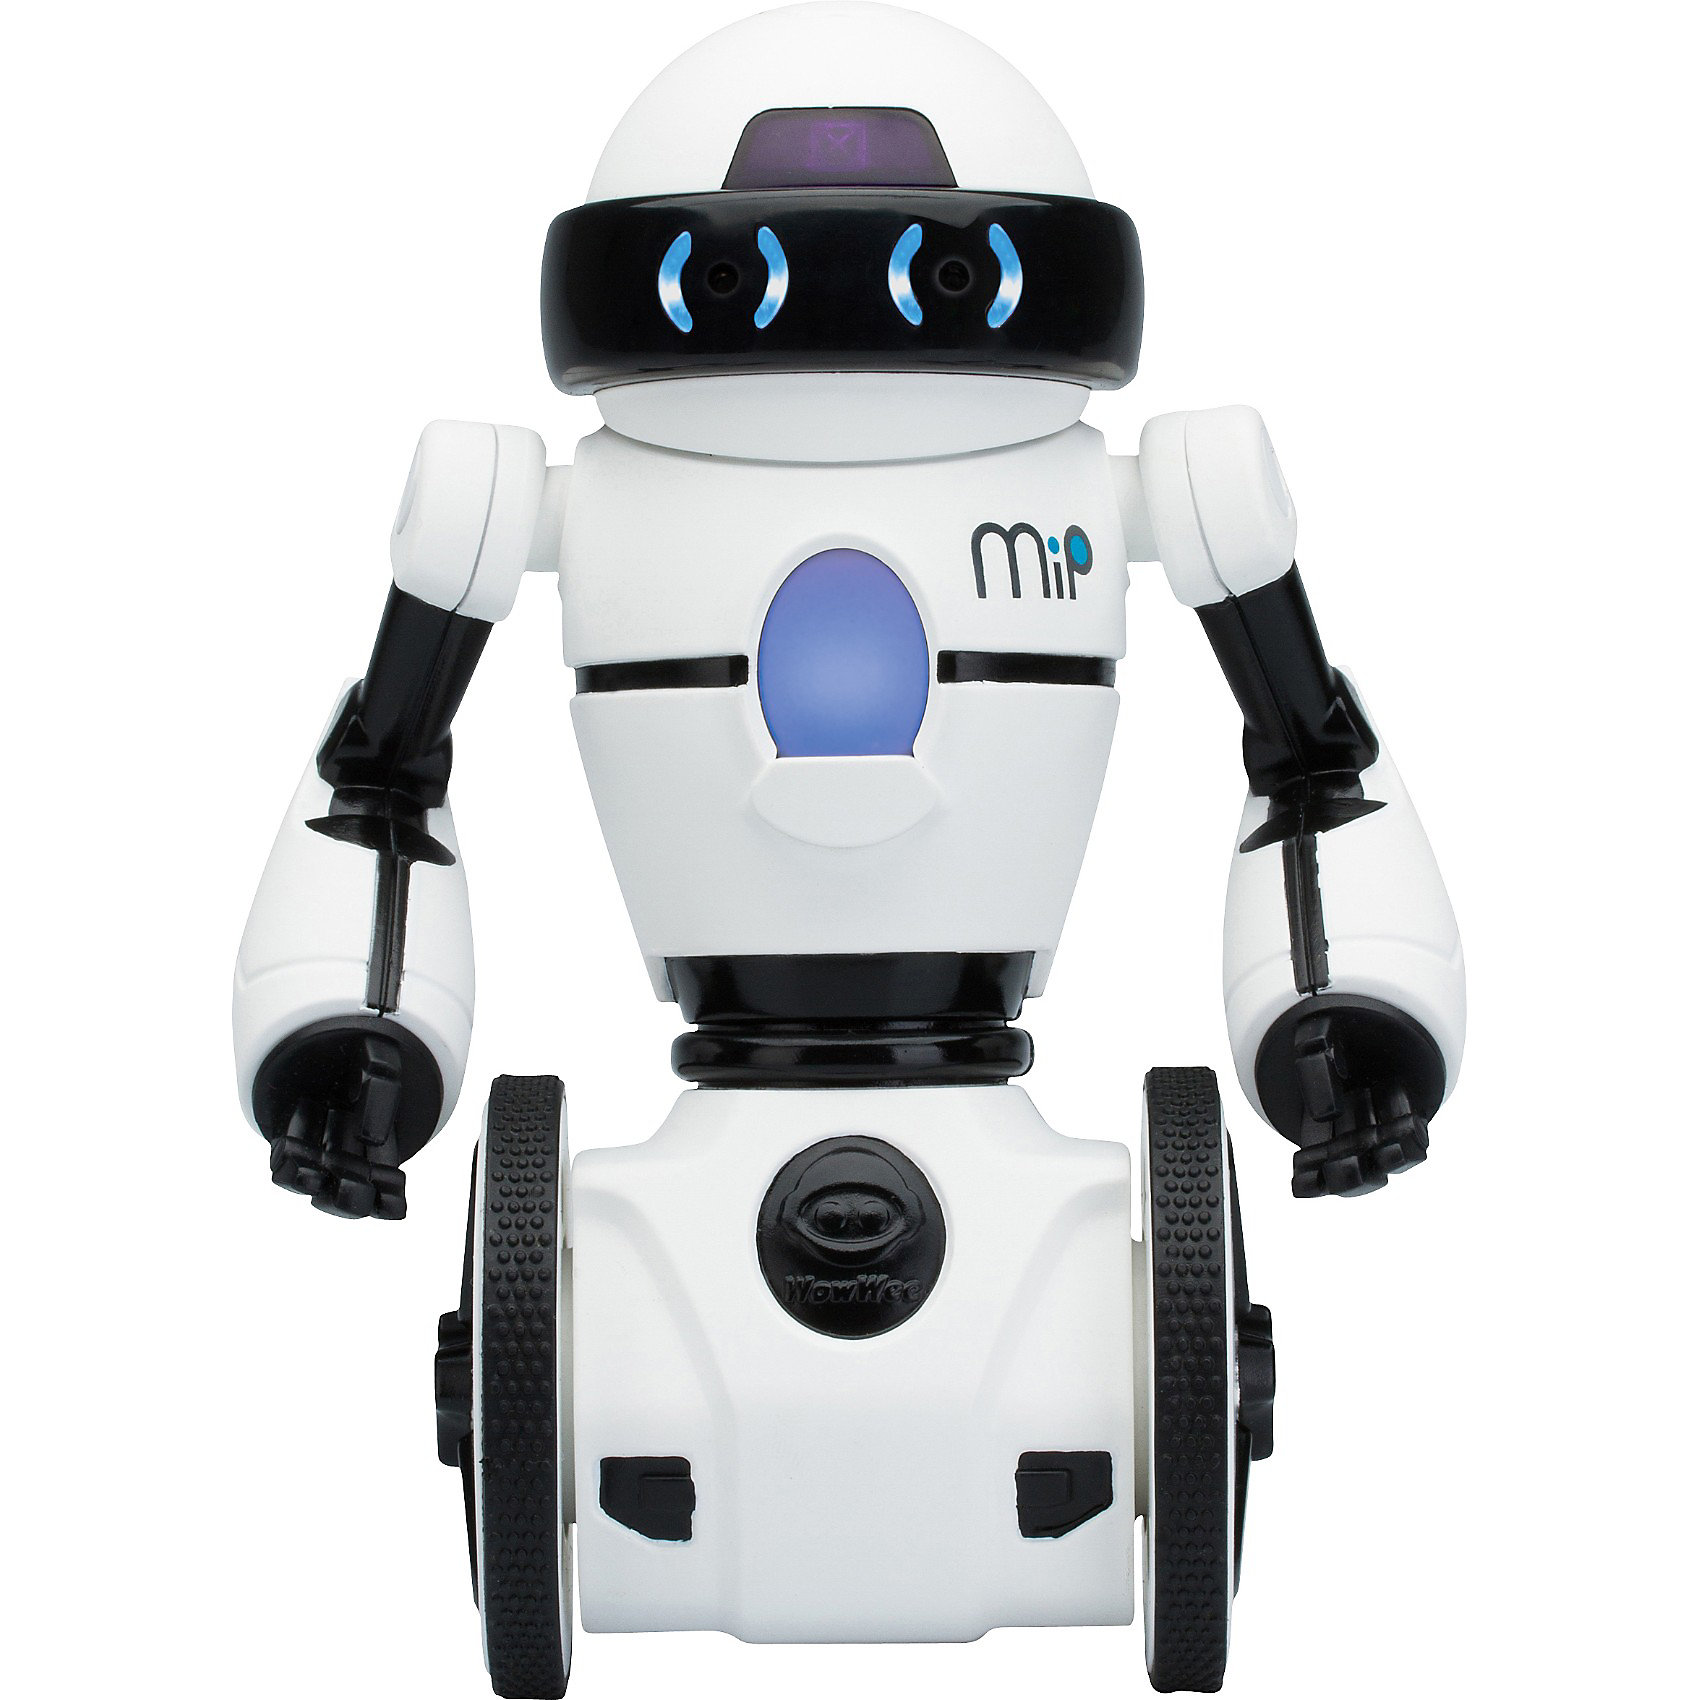 Робот MIP 0821, белый,  WowWeeМечта любого ребенка - настоящий робот, который может двигаться и выполнять команды. Робот MIP 0821, от WowWee - многофункциональный робот на самостабилизирующейся двухколесной платформе, выполненной по технологии обратного маятника. Ориентируясь на ваши движения и жесты, этот робот будет виртуозно переносить на подносе различные вещи и издавать различные звуки. Игрушка управляется жестами или с помощью смартфона. Робот ориентируется в пространстве, реагирует на препятствия, танцует под музыку. С помощью приложения вы сможете менять настроение робота (весёлый, сонный, злой), можете попробовать сыграть в интерактивные игры с несколькими MIP и поменять самые разные настройки, нарисуйте пальцем на экране вашего смартфона путь робота, и он его повторит.<br><br>Дополнительная информация:<br><br>- Материал: пластик, металл.<br>- Высота: 20 см.<br>- Цвет: белый.<br>- Робот на самостабилизирующейся двухколесной платформе.<br>- Умеет танцевать, переносить вещи на подносе.<br>- Реагирует на препятствия.<br>- Изучает пространство.<br>- Пытается выбраться из замкнутого пространства (режим клетка).<br>- Управление с мобильного устройства (iOS или Android)<br>- Элемент питания: для робота - 4 батарейки ААА (не входят в комплект).<br>- Звуковые эффекты.<br>- Комплектация: робот,  инструкция.<br><br>Робота MIP 0821, белого,  WowWee можно купить в нашем магазине.<br><br>Ширина мм: 280<br>Глубина мм: 182<br>Высота мм: 137<br>Вес г: 835<br>Возраст от месяцев: 96<br>Возраст до месяцев: 168<br>Пол: Мужской<br>Возраст: Детский<br>SKU: 3763611